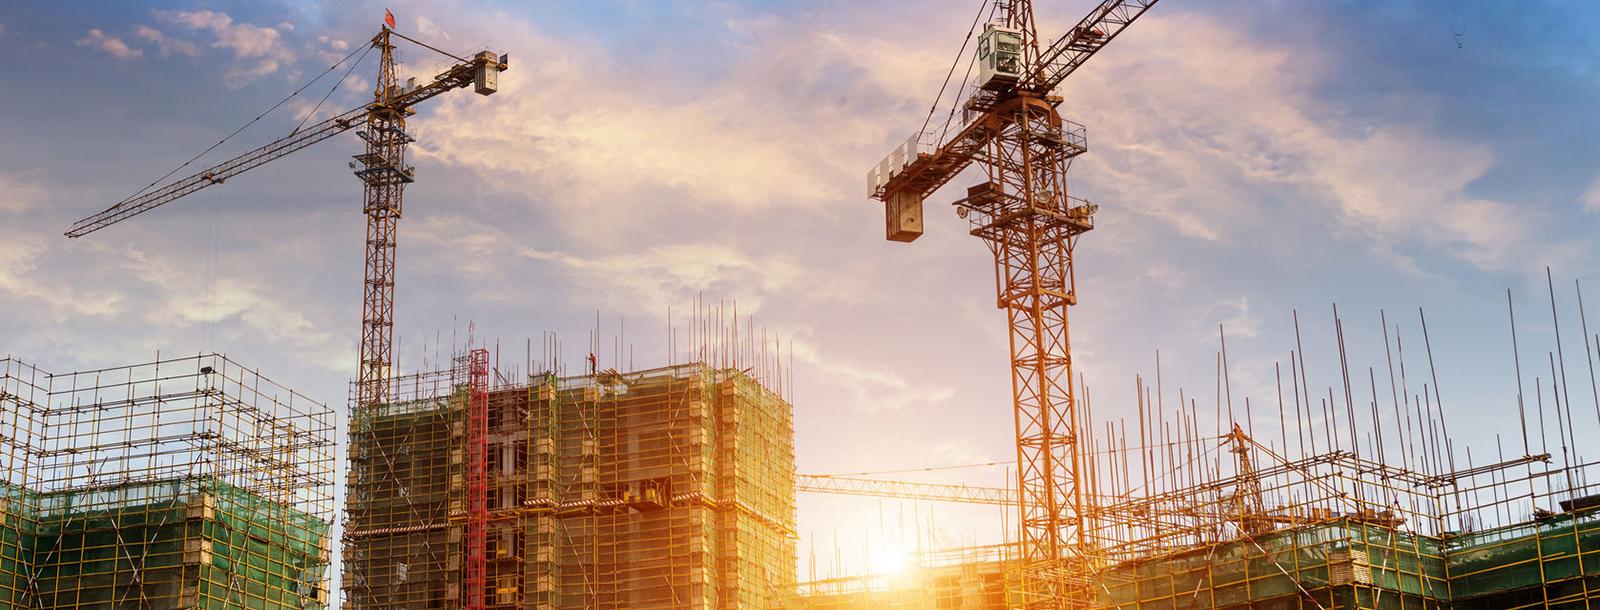 СМИК мониторинг при строительстве